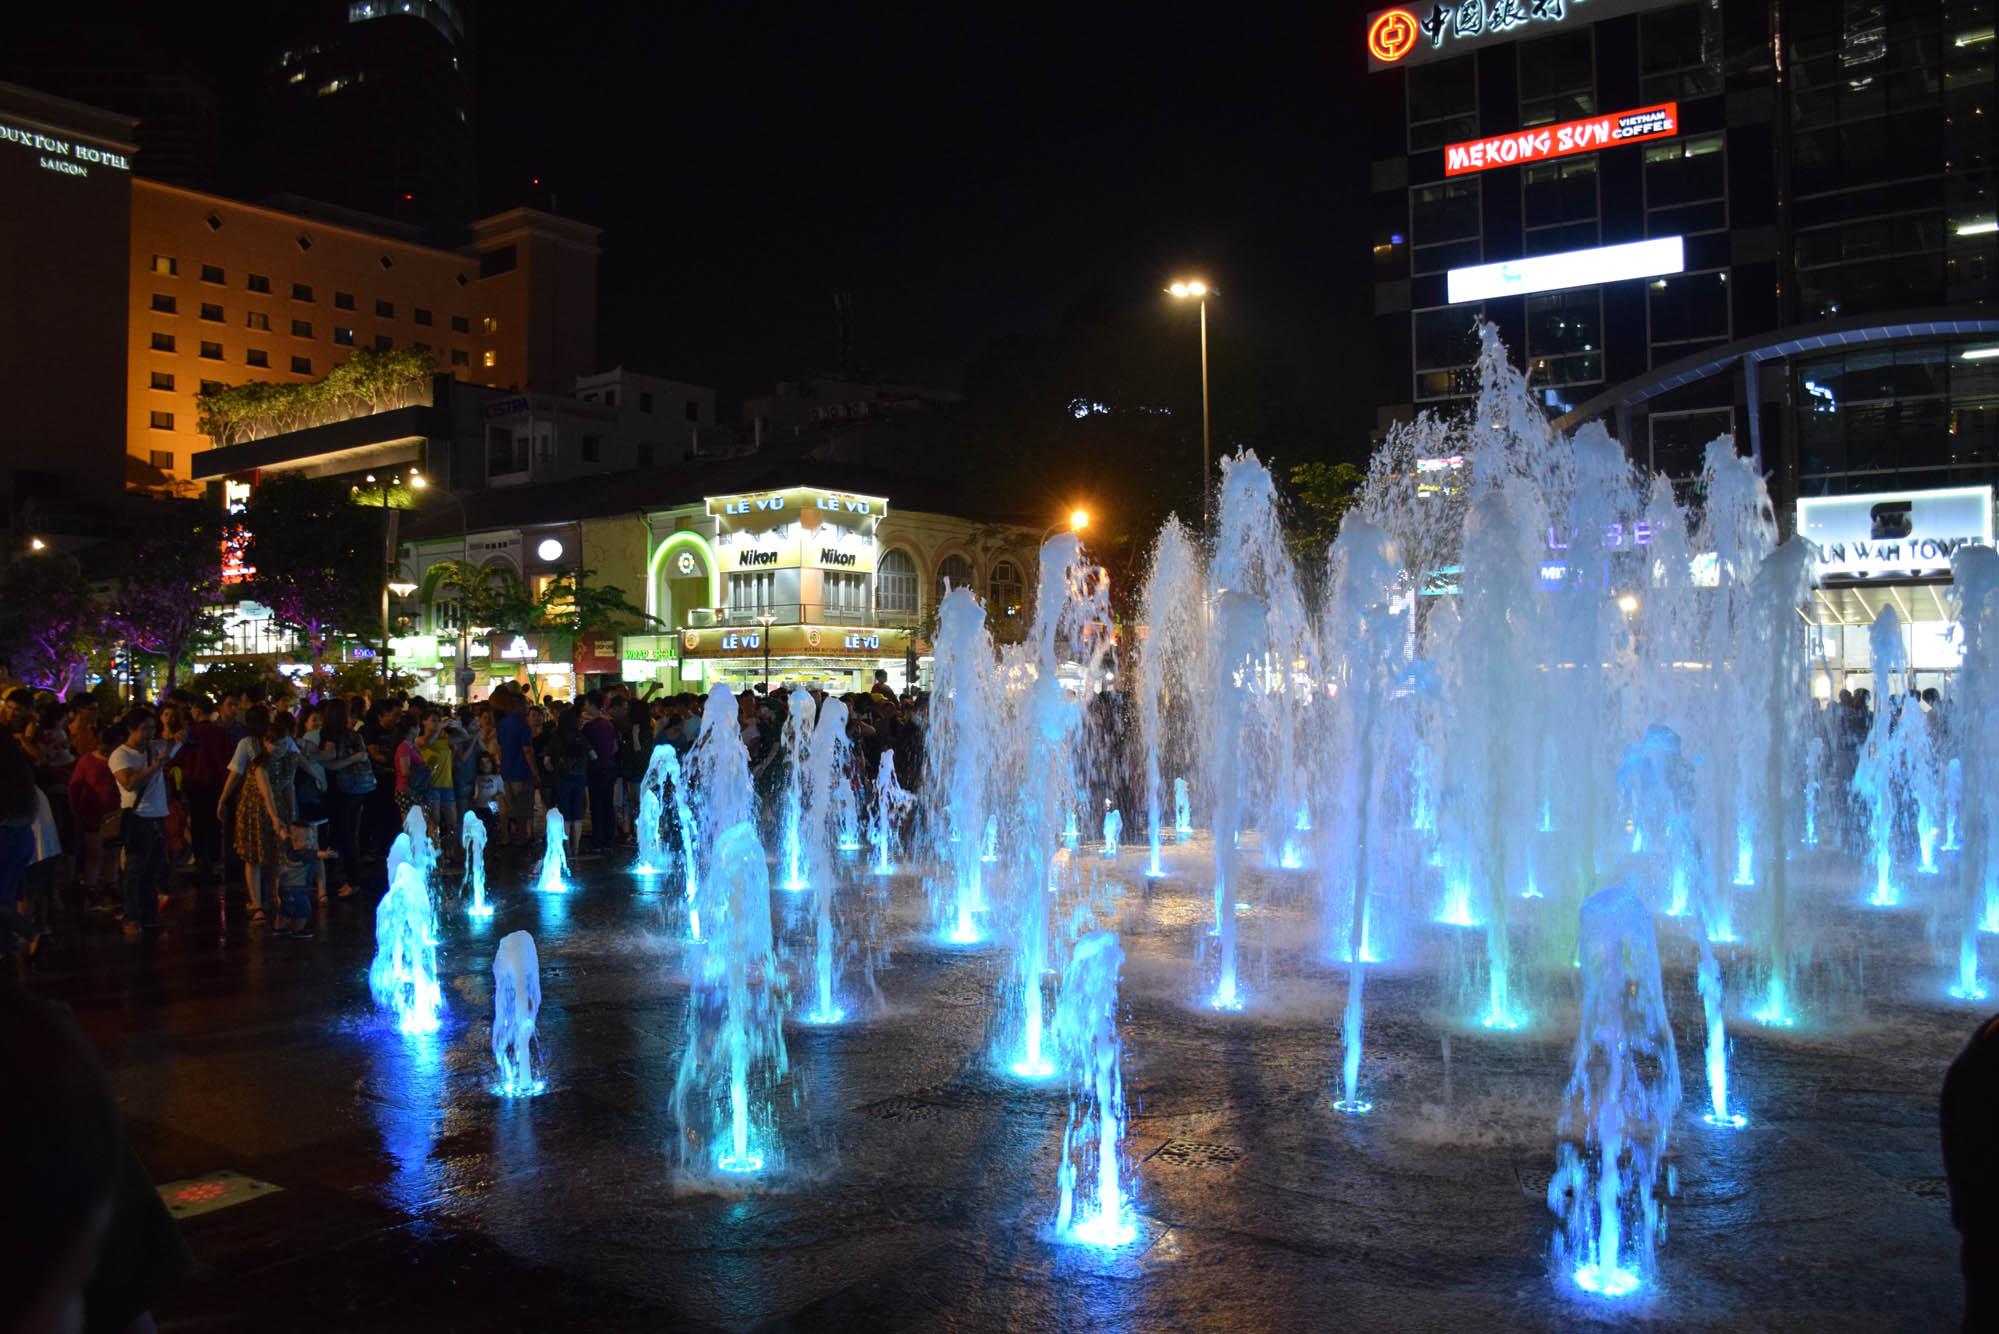 nguyen-square-ho-chi-minh-city-saigon